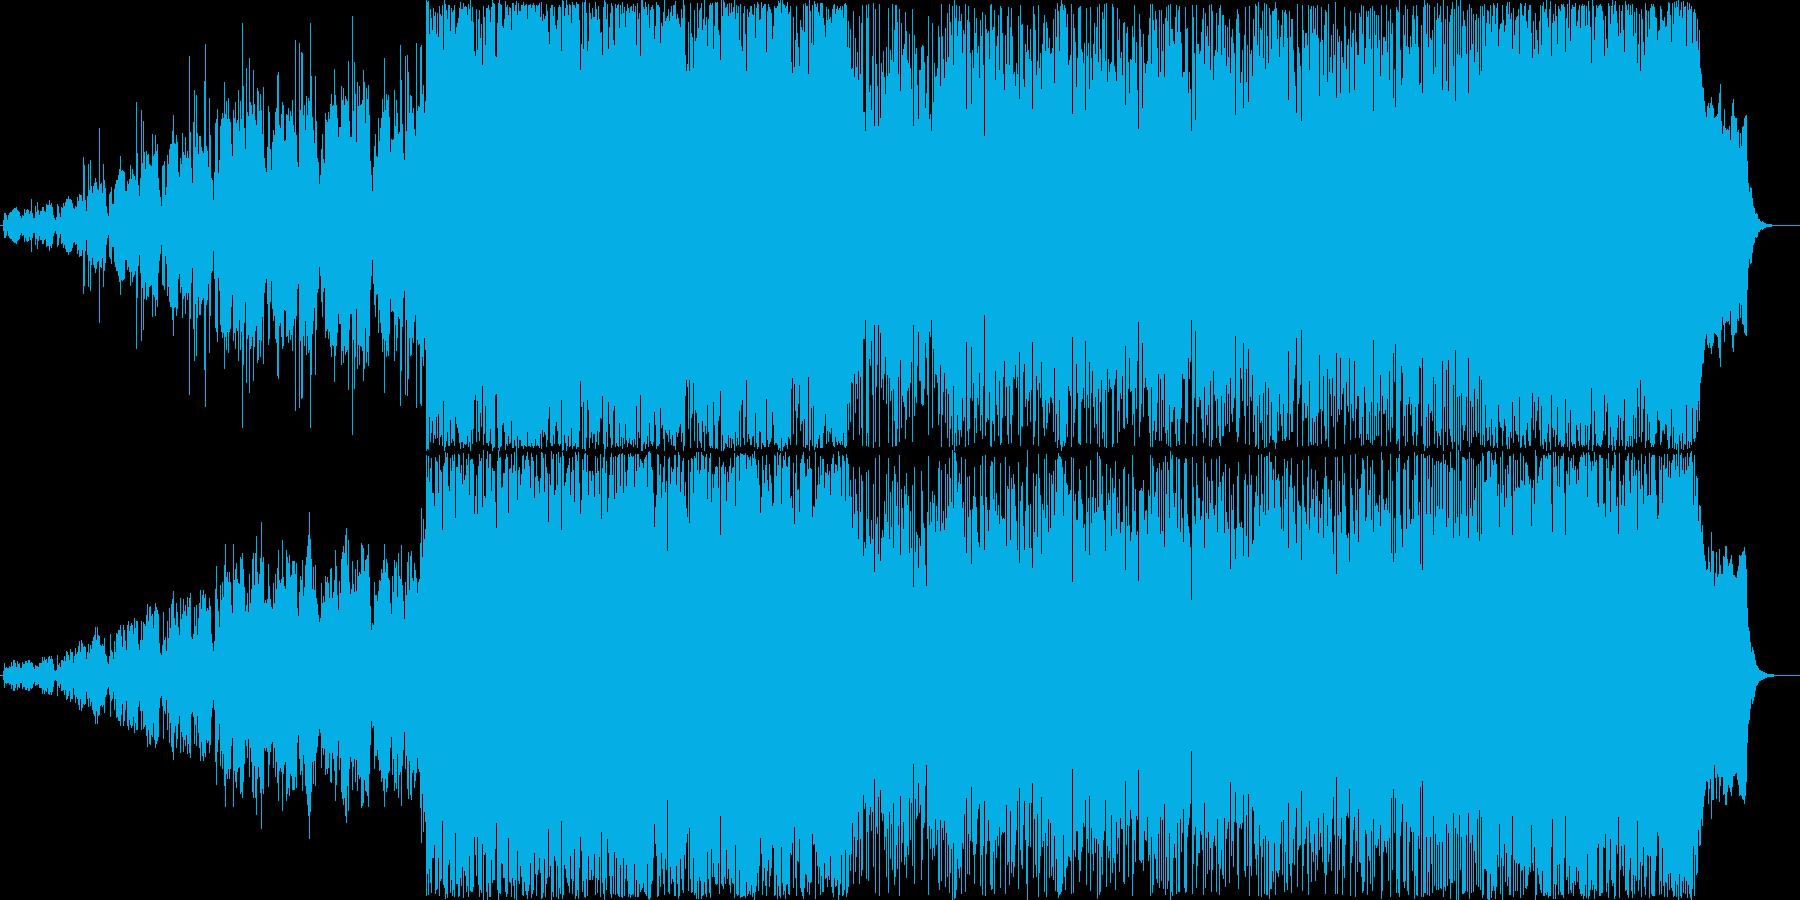 ハリウッド映画を思わせるストリングス曲の再生済みの波形